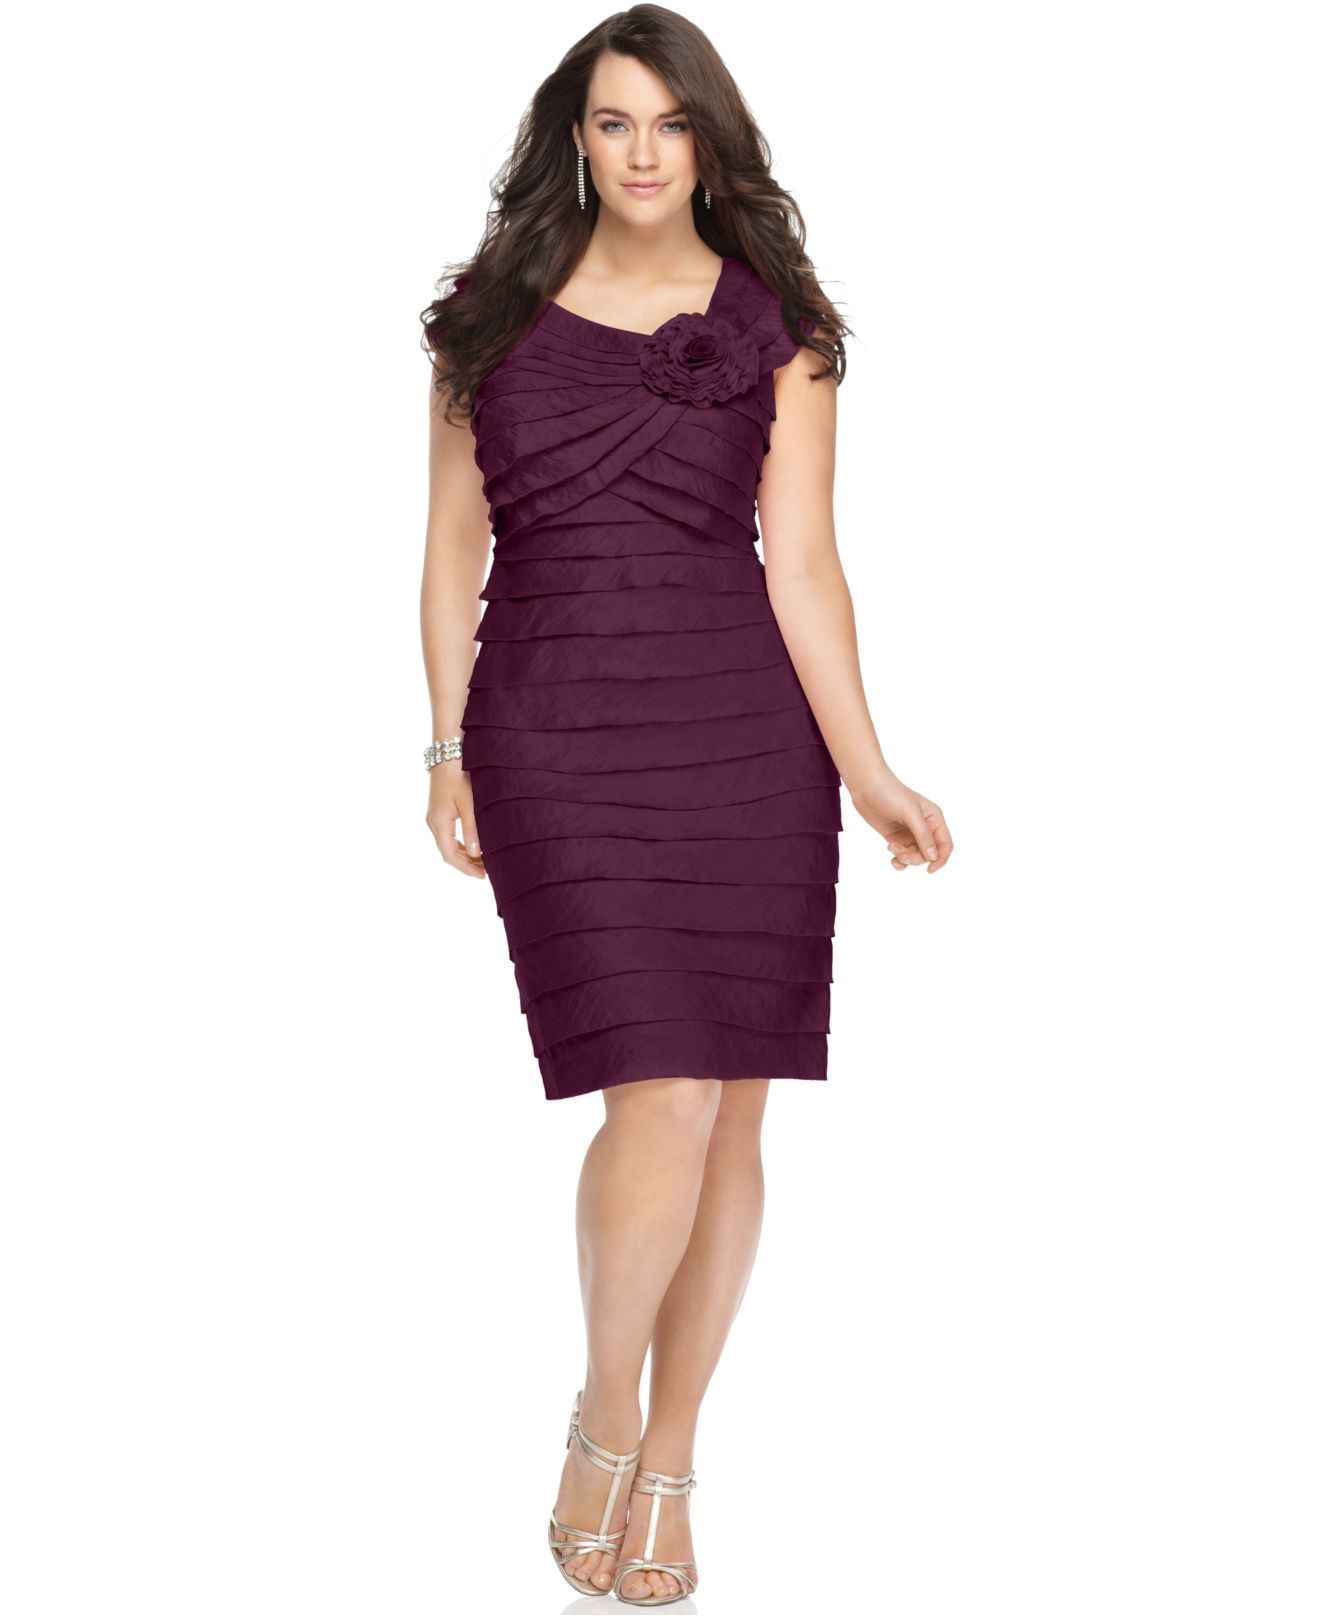 45f32098ffc London Times Plus Size Dress